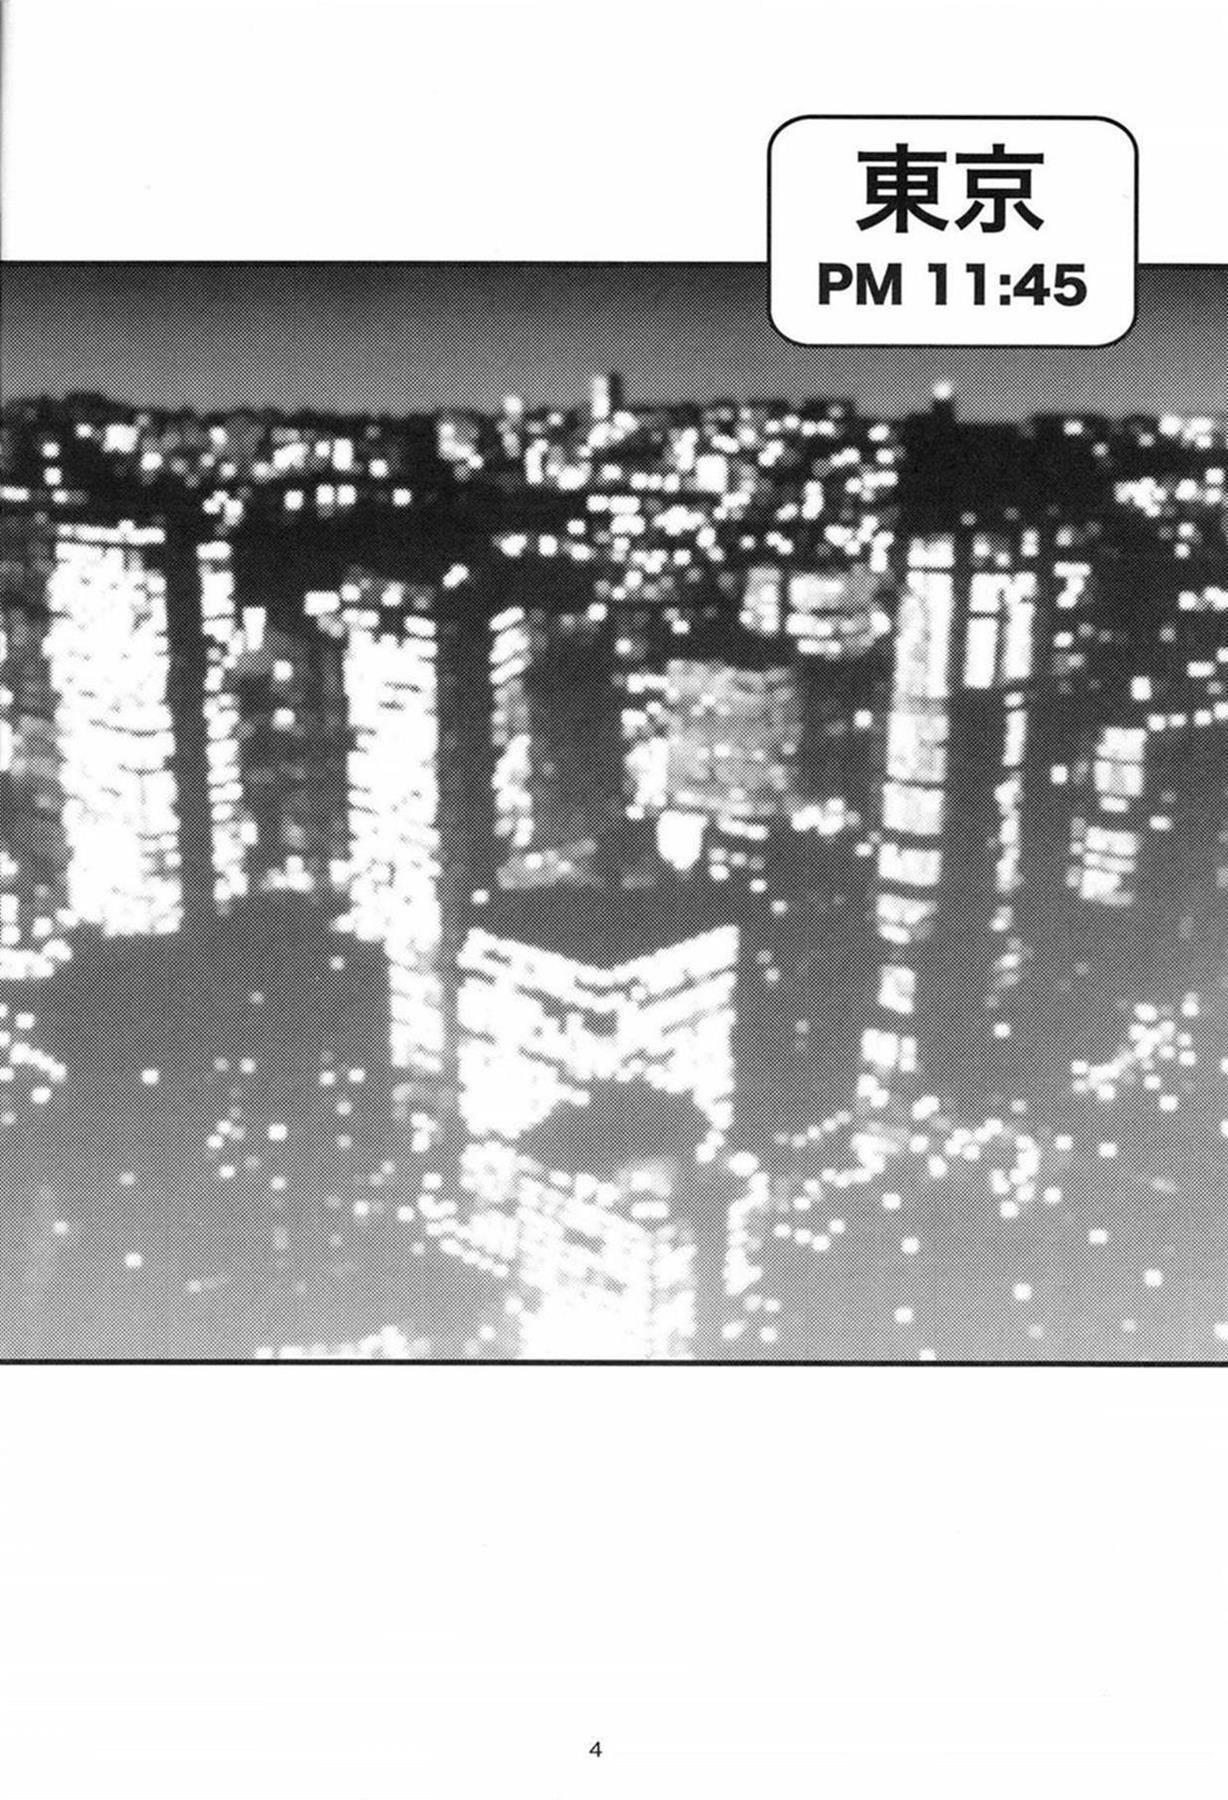 黒ギャル爆乳ビッチのグリム・メディアさん、初めて会ったオヤジとホテルで妊娠懇願中だしセックスを堪能w【クイズマジックアカデミー 同人誌・エロ漫画】 (3)